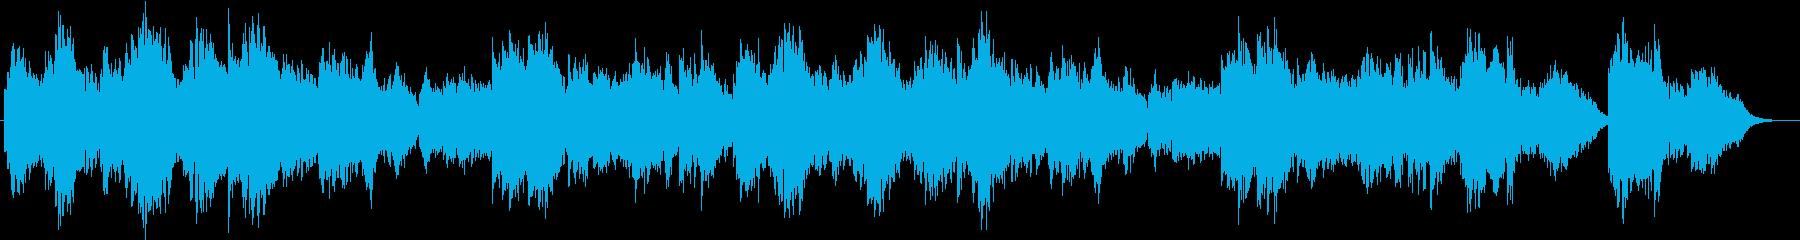 穏やかな内向的の雰囲気 ピアノのバラードの再生済みの波形